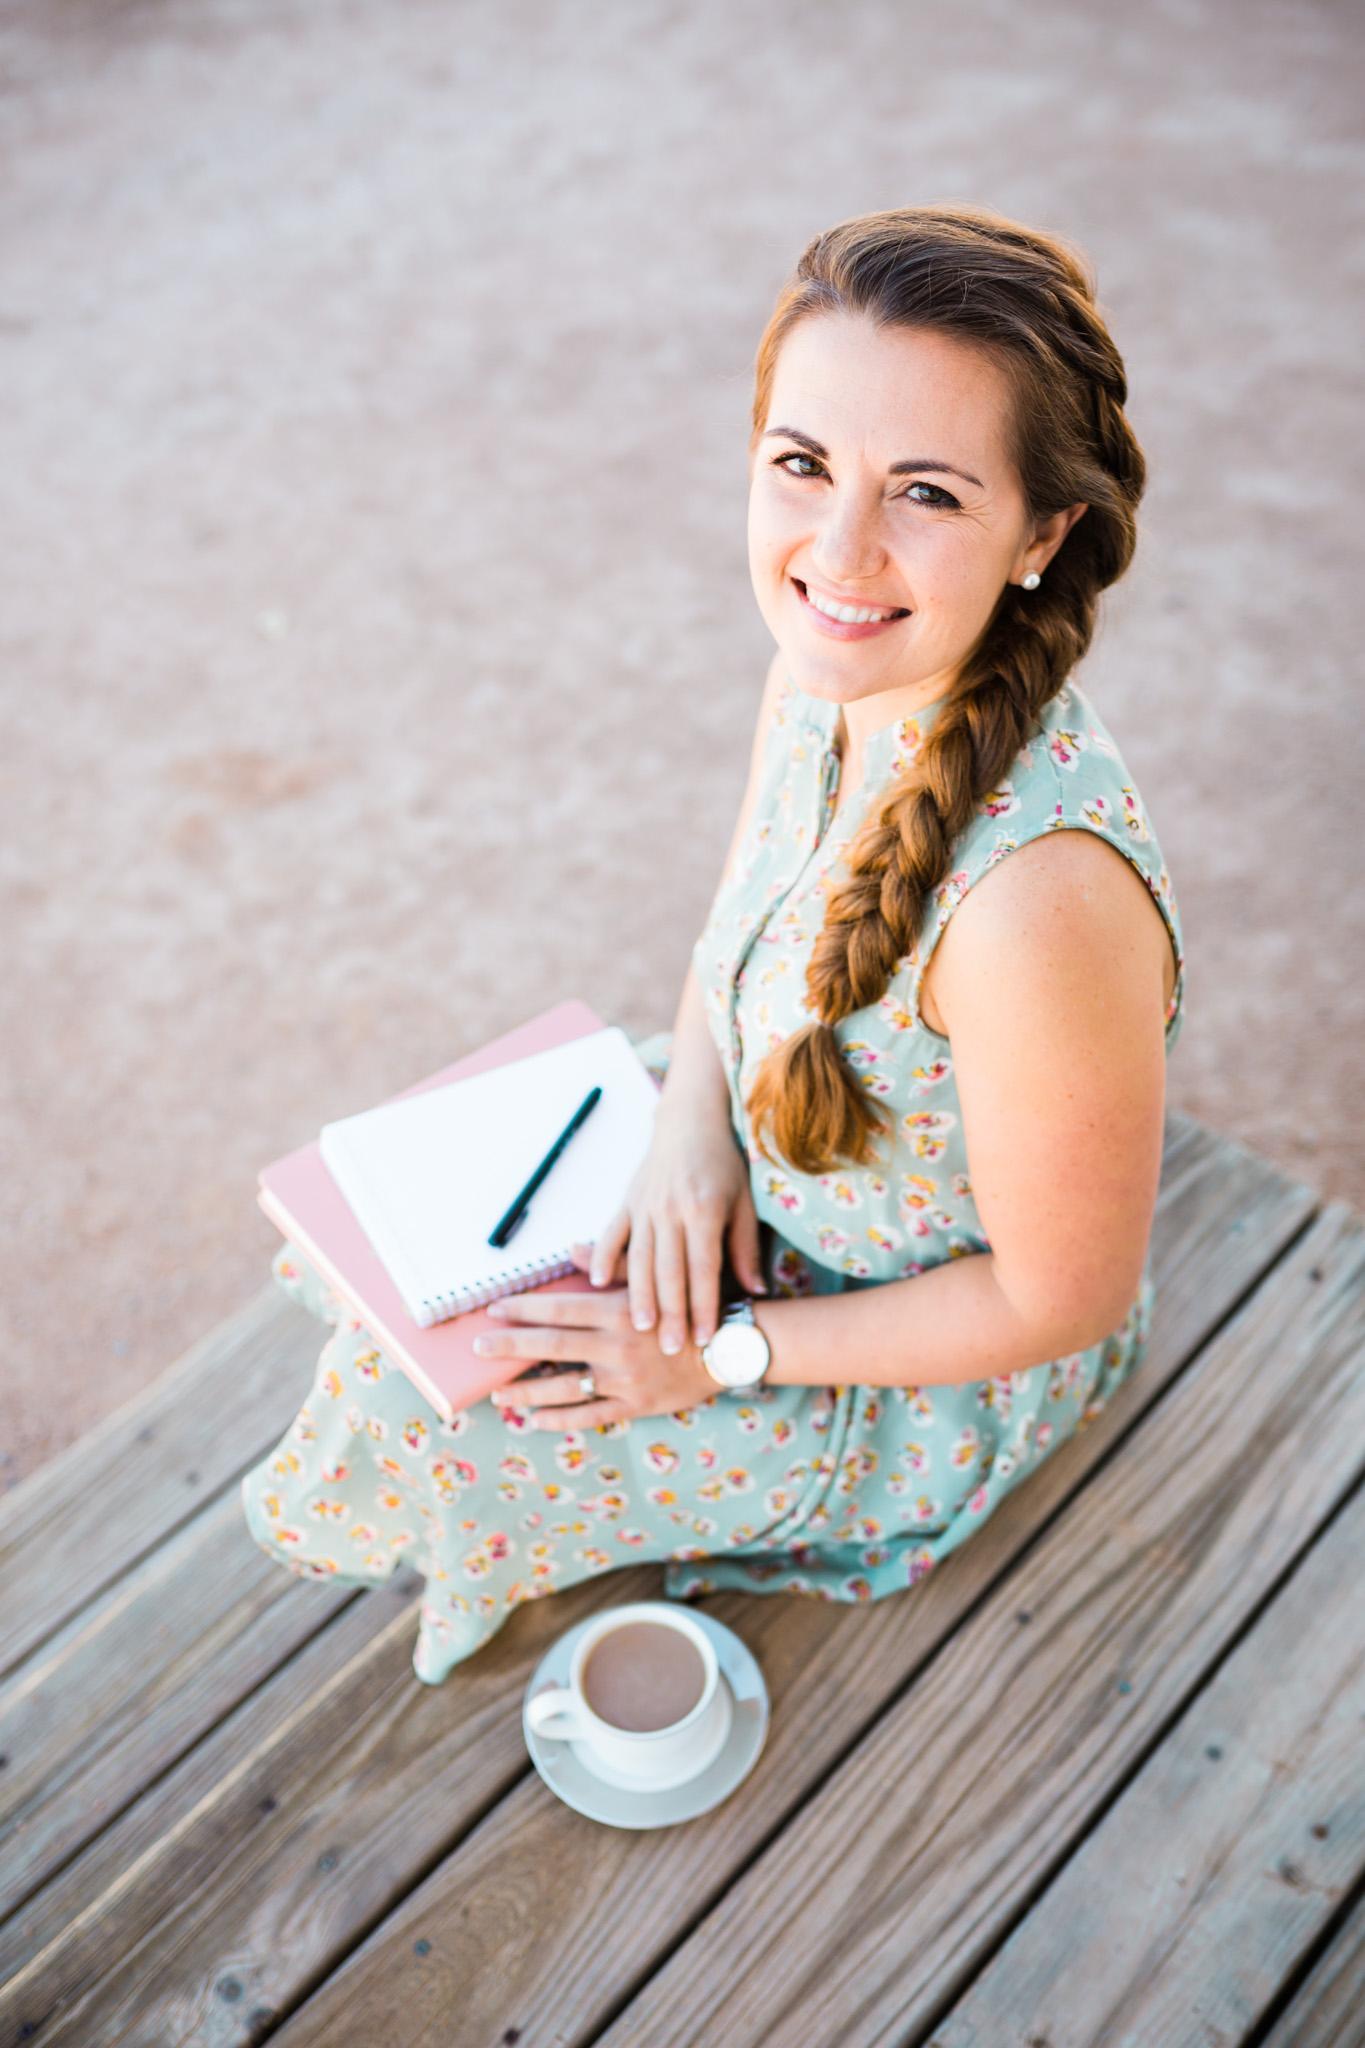 Meet Alison Oertle